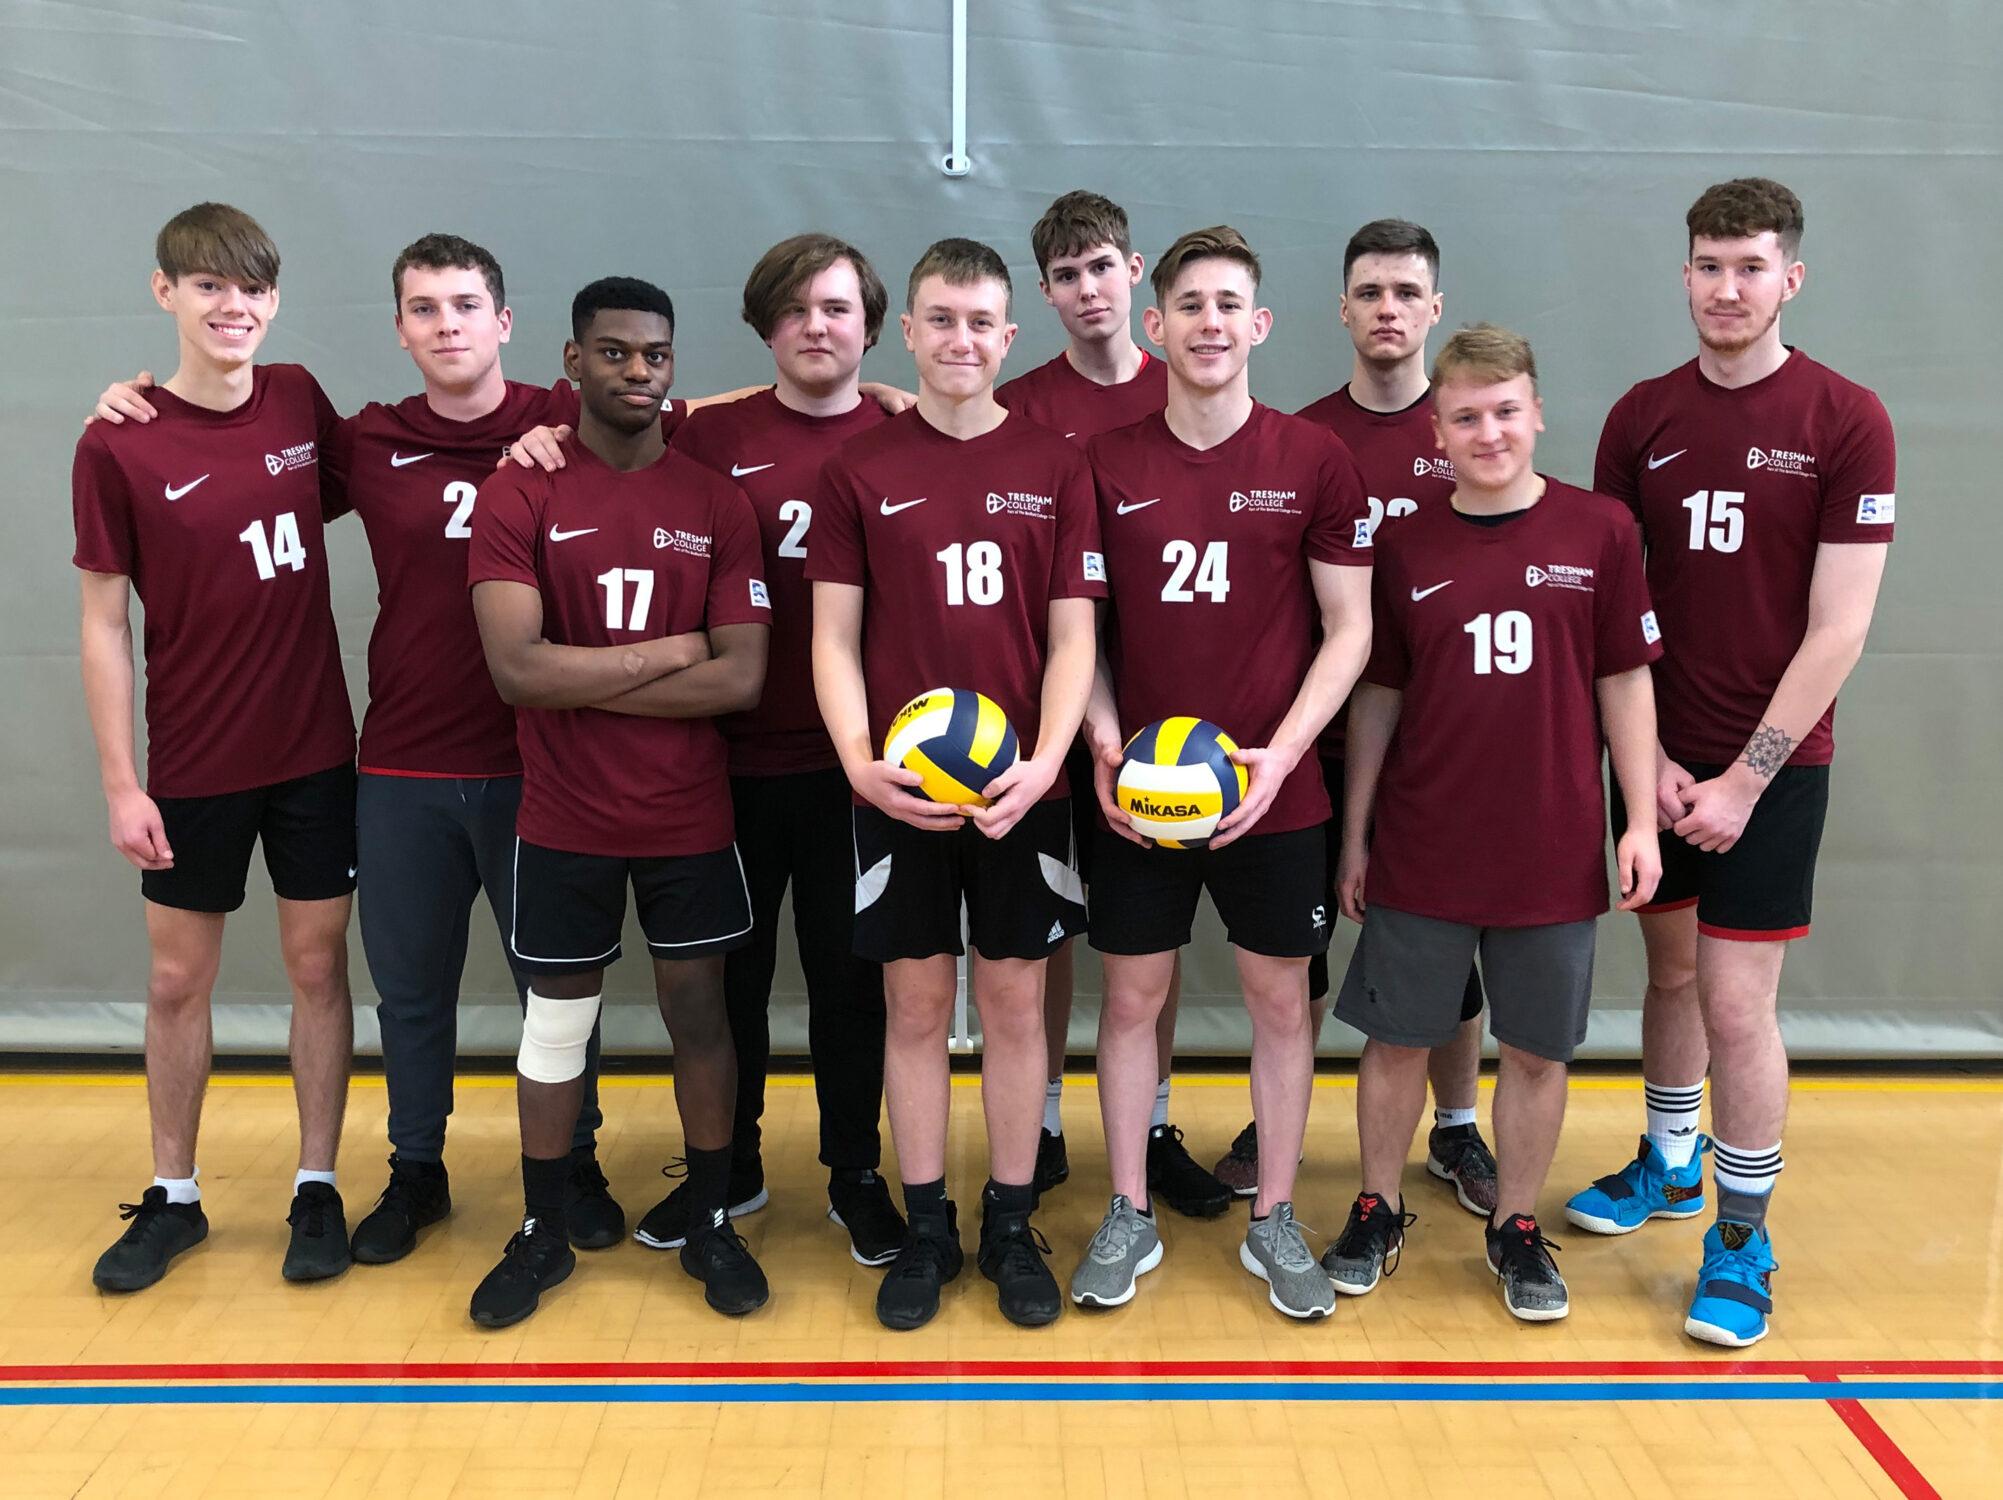 Tresham College Volleyball team students